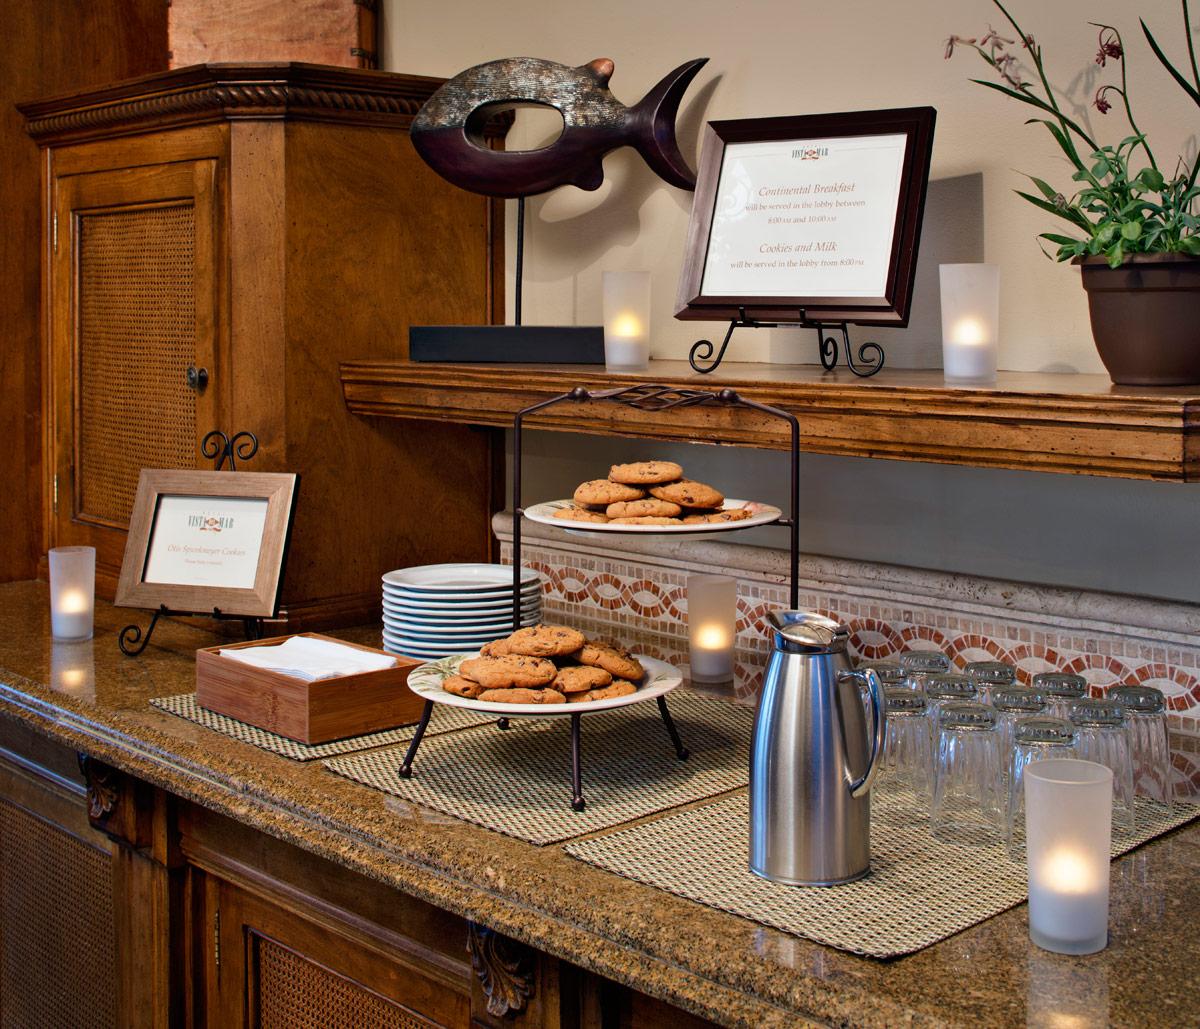 Hotel Vista Del Mar Milk & Cookies